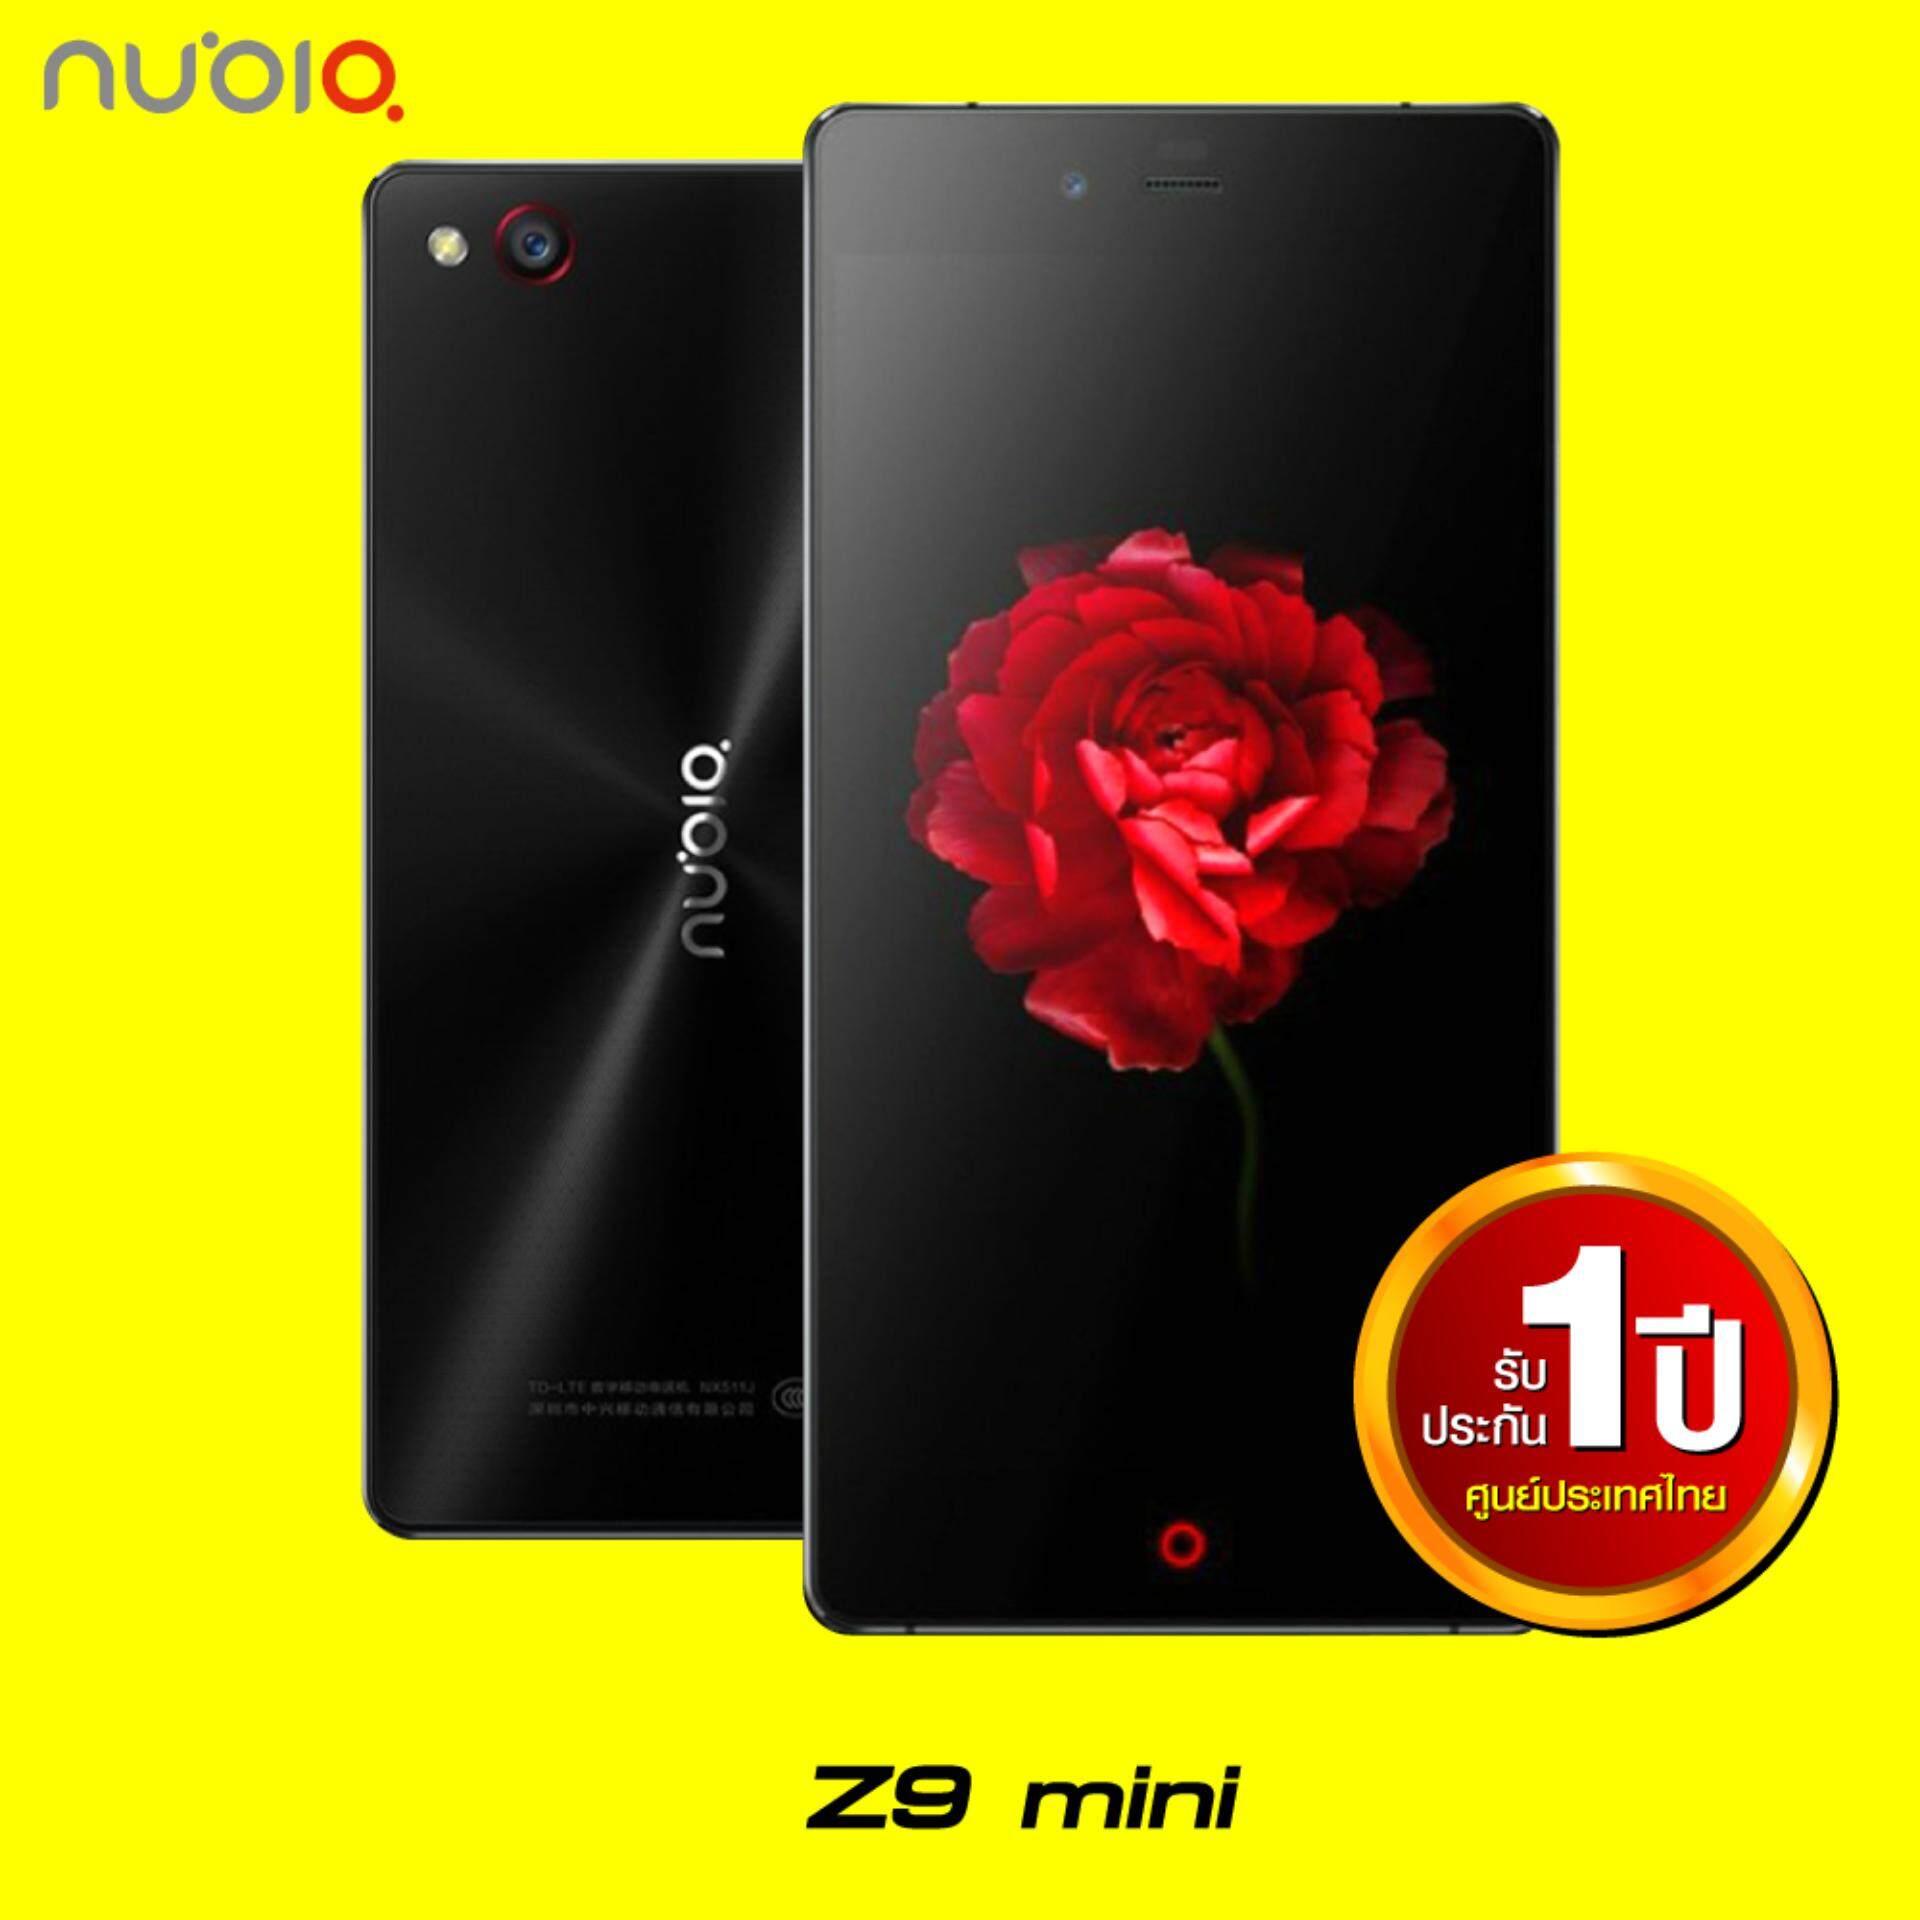 ราคา Nubia Z9 Mini 2 16Gb รับประกันศูนย์ไทย 1 ปีเต็ม Nubia ออนไลน์